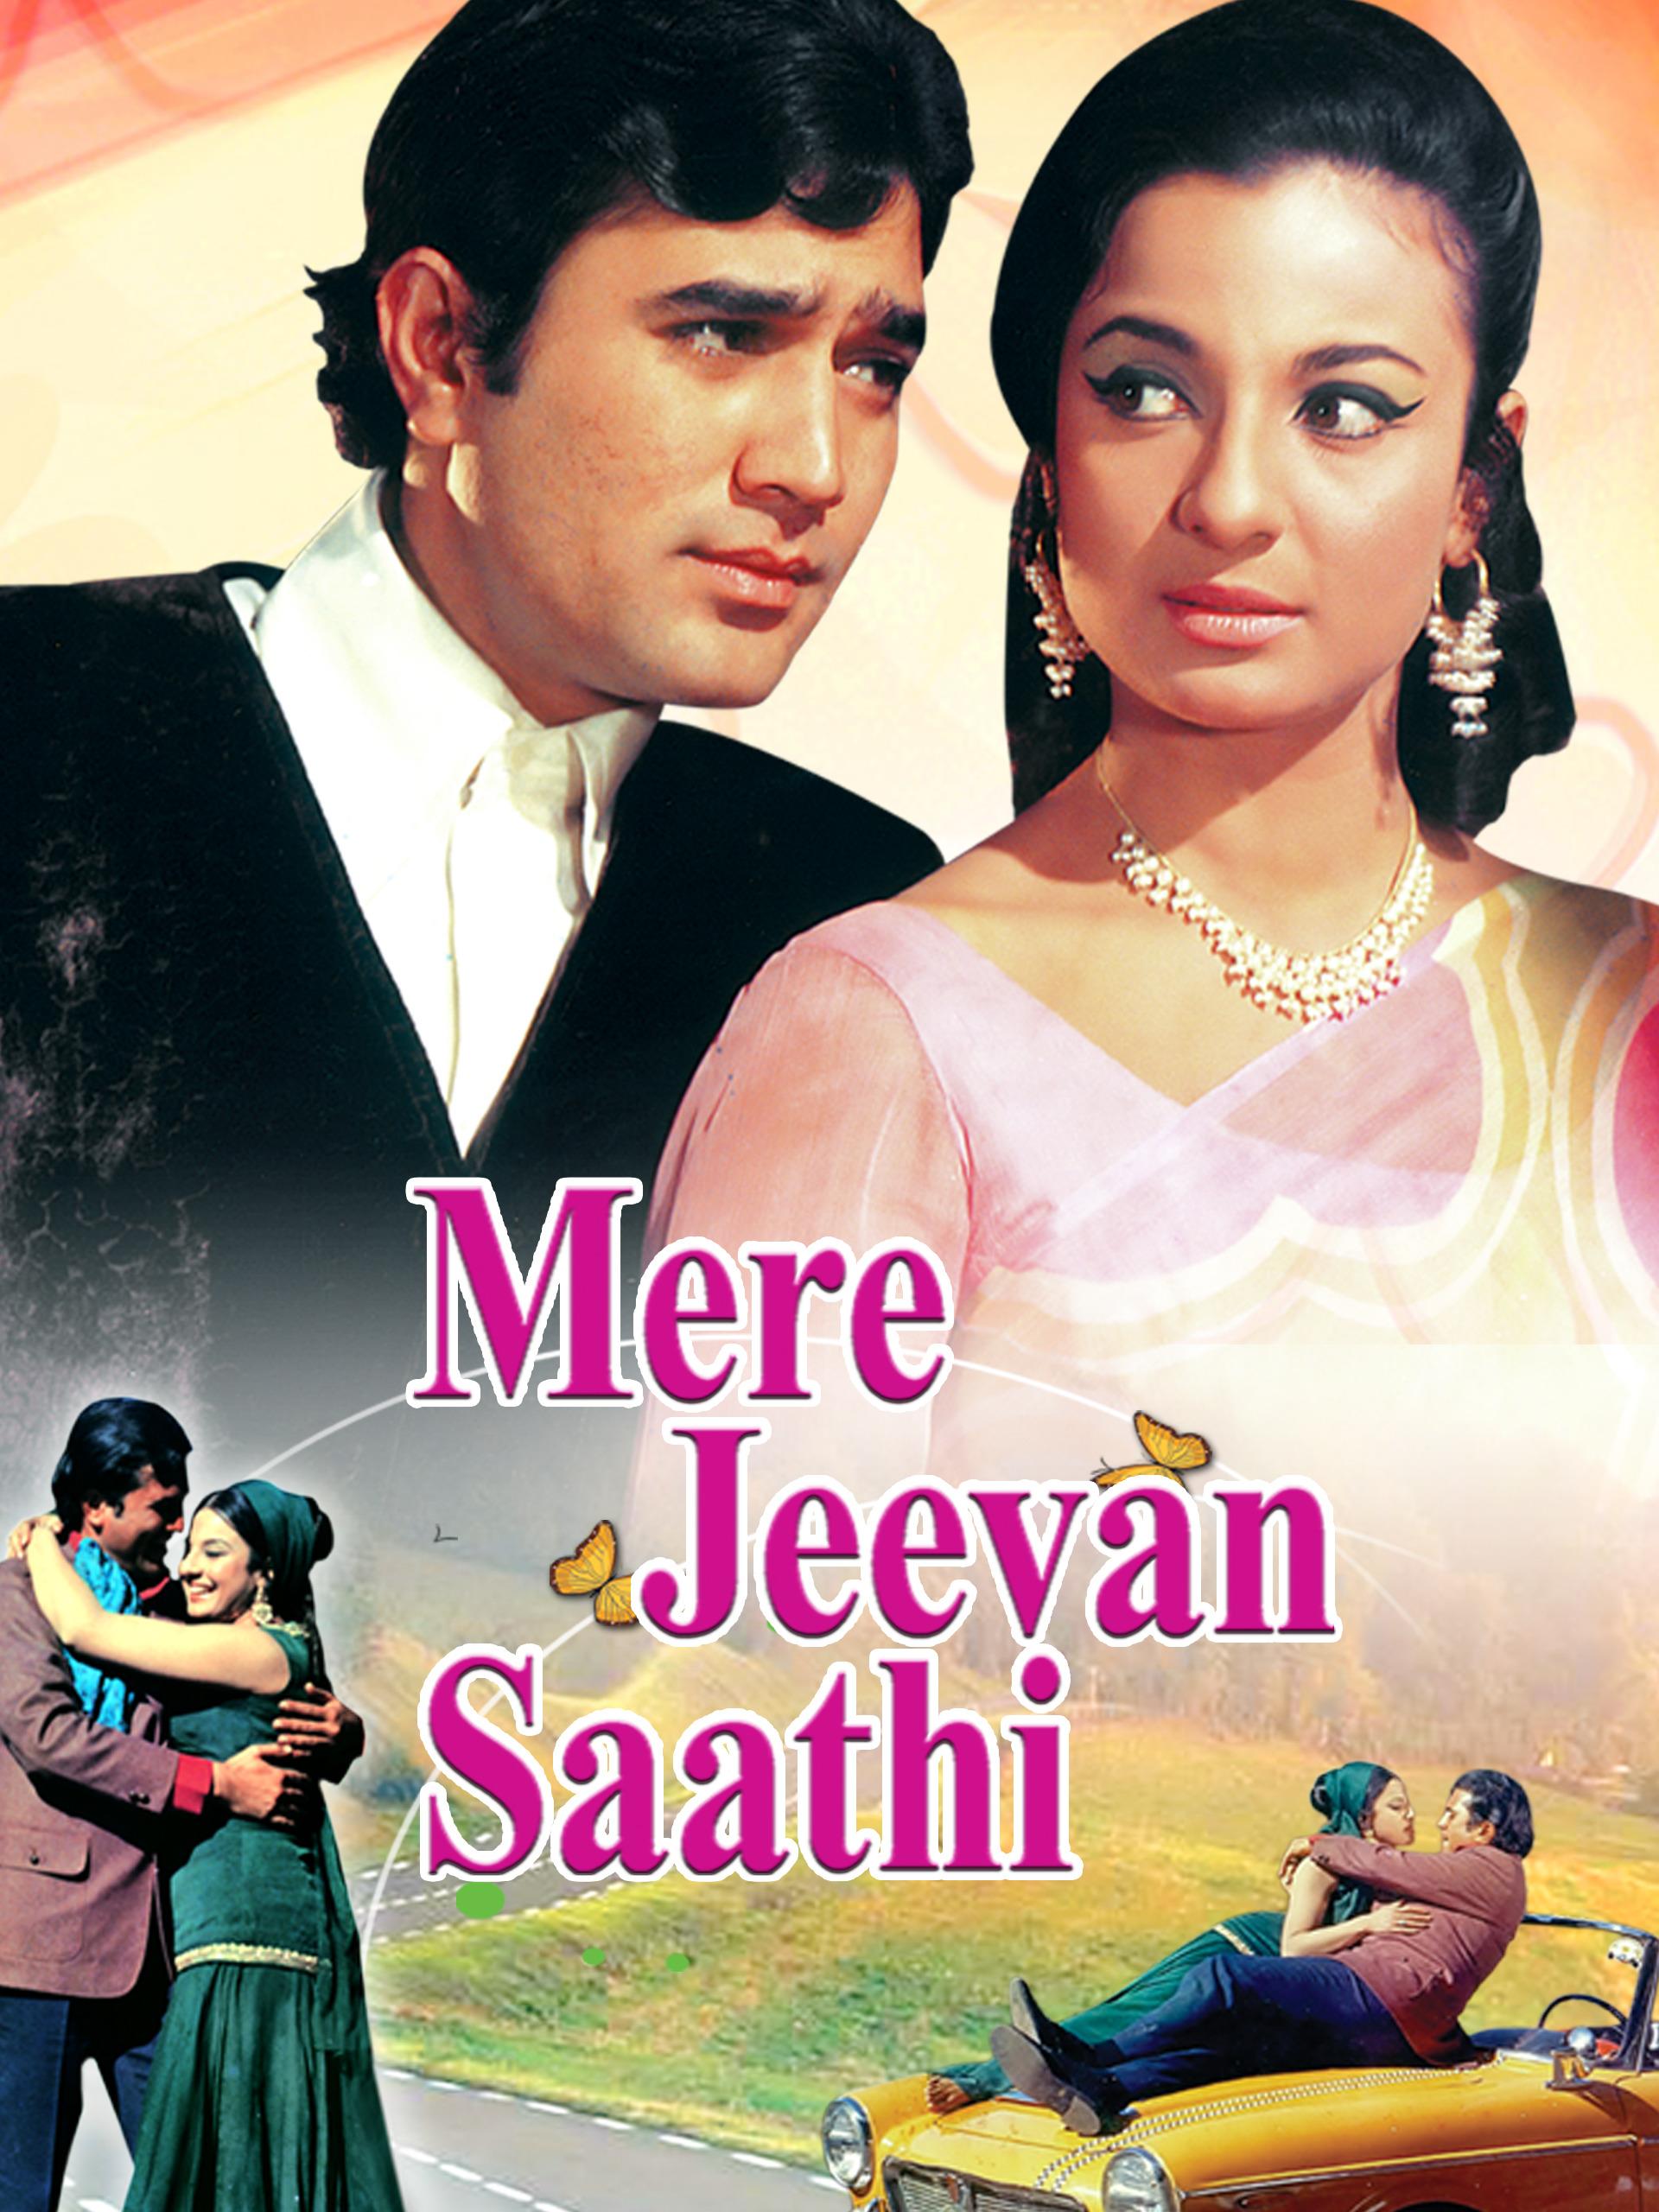 Mere Jeevan Saathi (1972) - IMDb